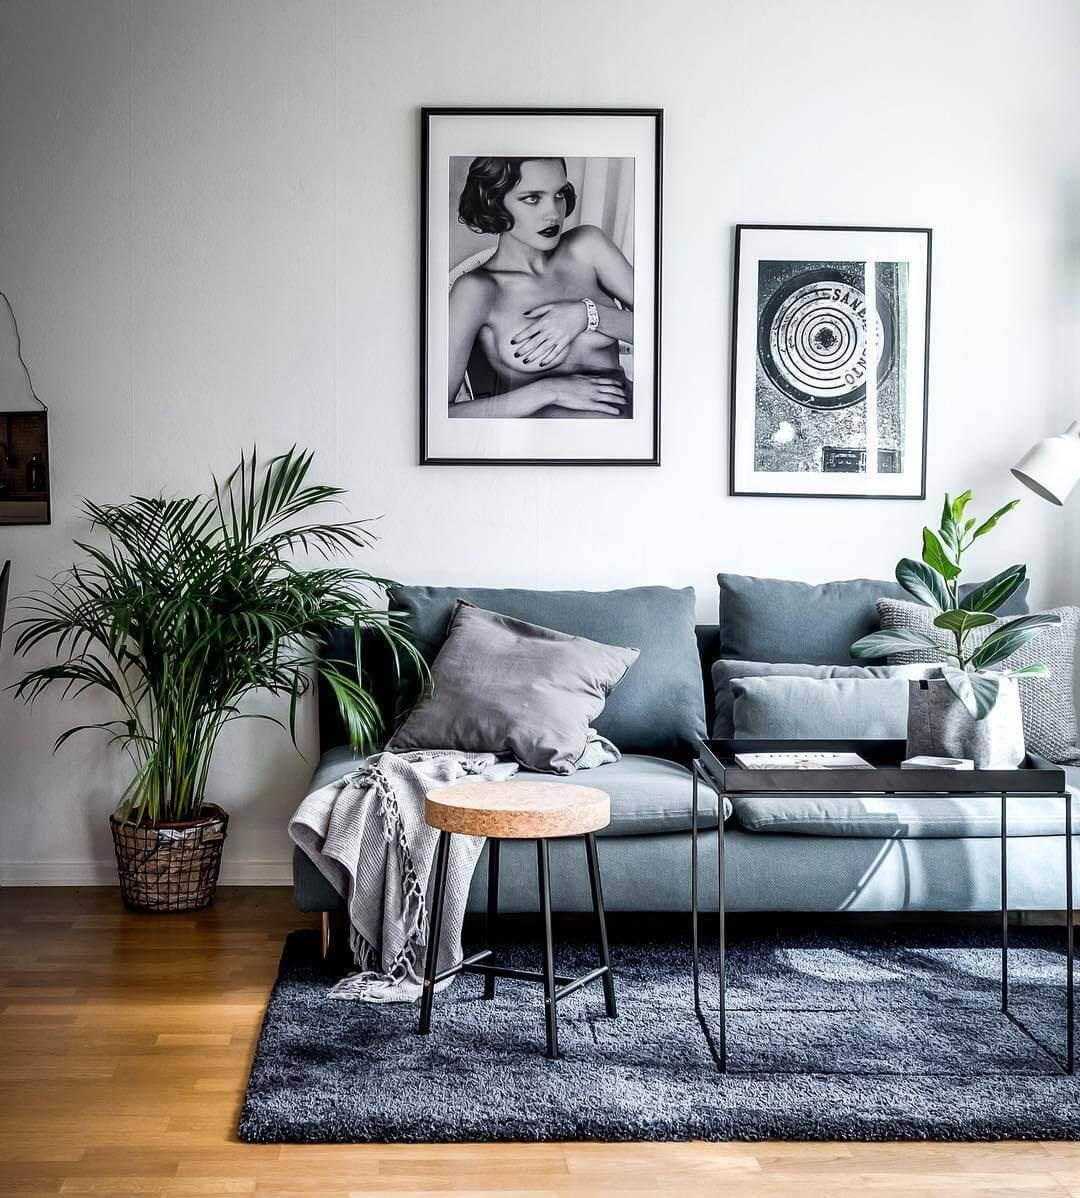 ソファーをアクセントカラーにして白い壁の前に置くことでコントラストをはっきりと出しています。観葉植物も統一していておしゃれな空間になっています。